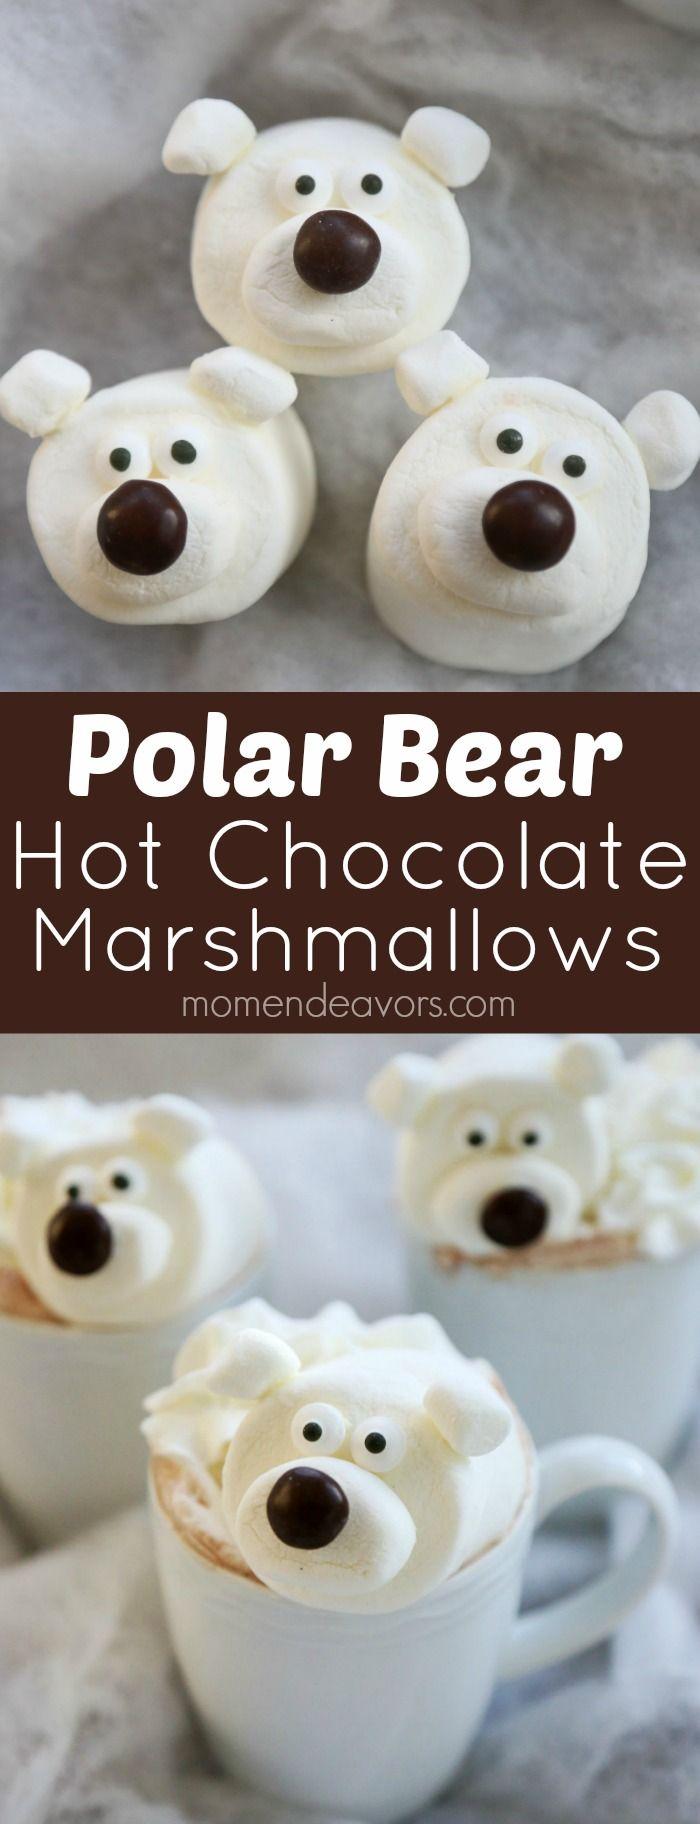 Polar Bear Hot Chocolate Marshmallows // Chocolate caliente con osos polares de nubes